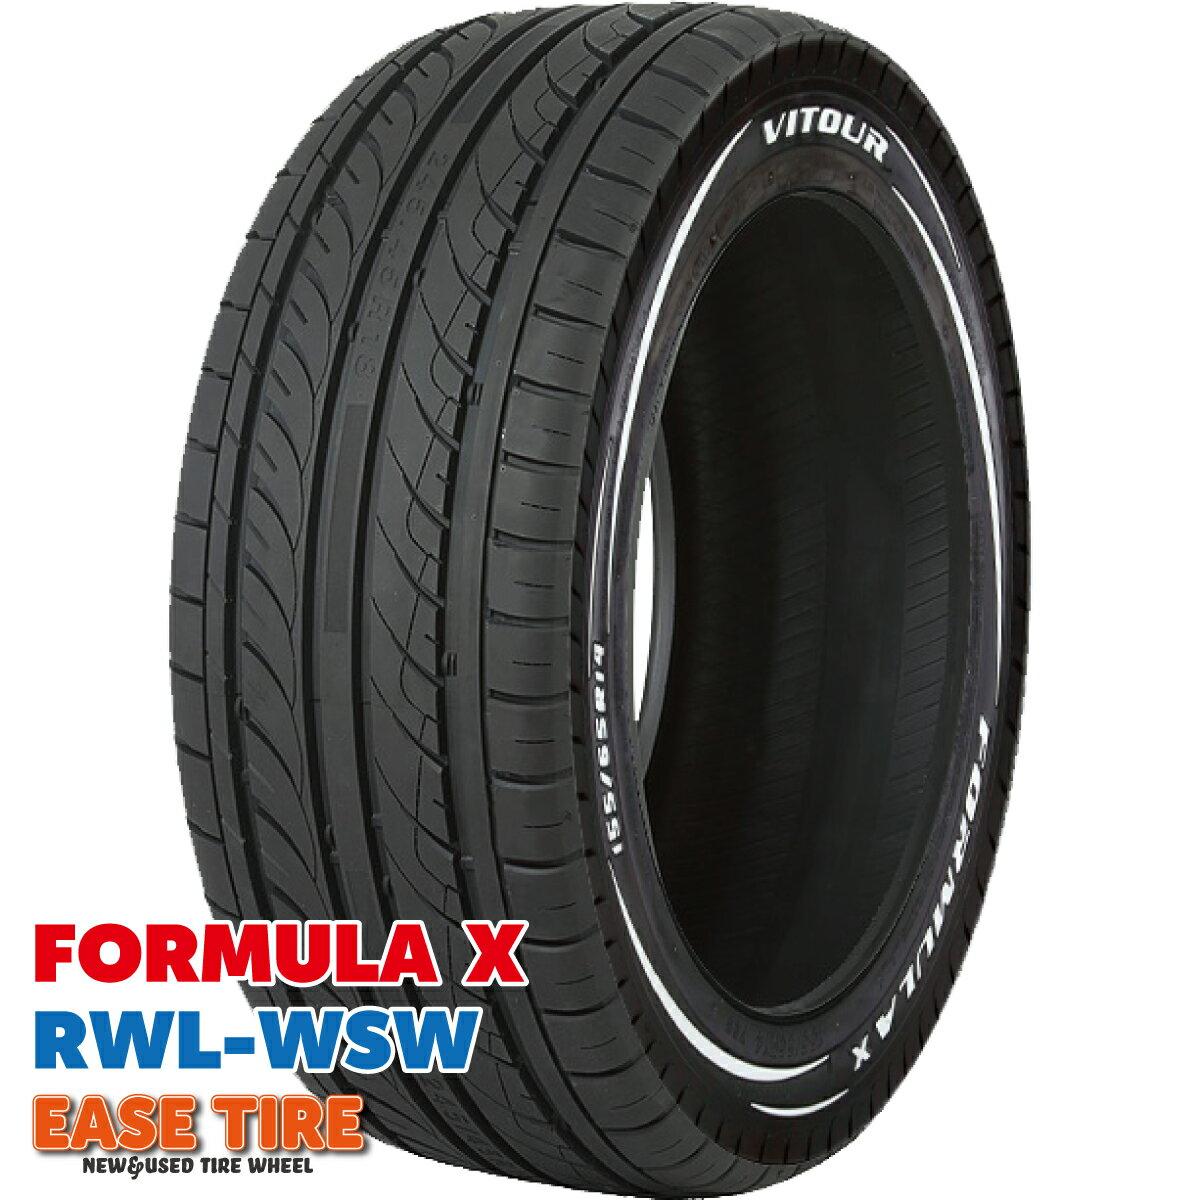 タイヤ・ホイール, サマータイヤ 22565R17 102V VITOUR FORMULA X RWL WSW 1 4